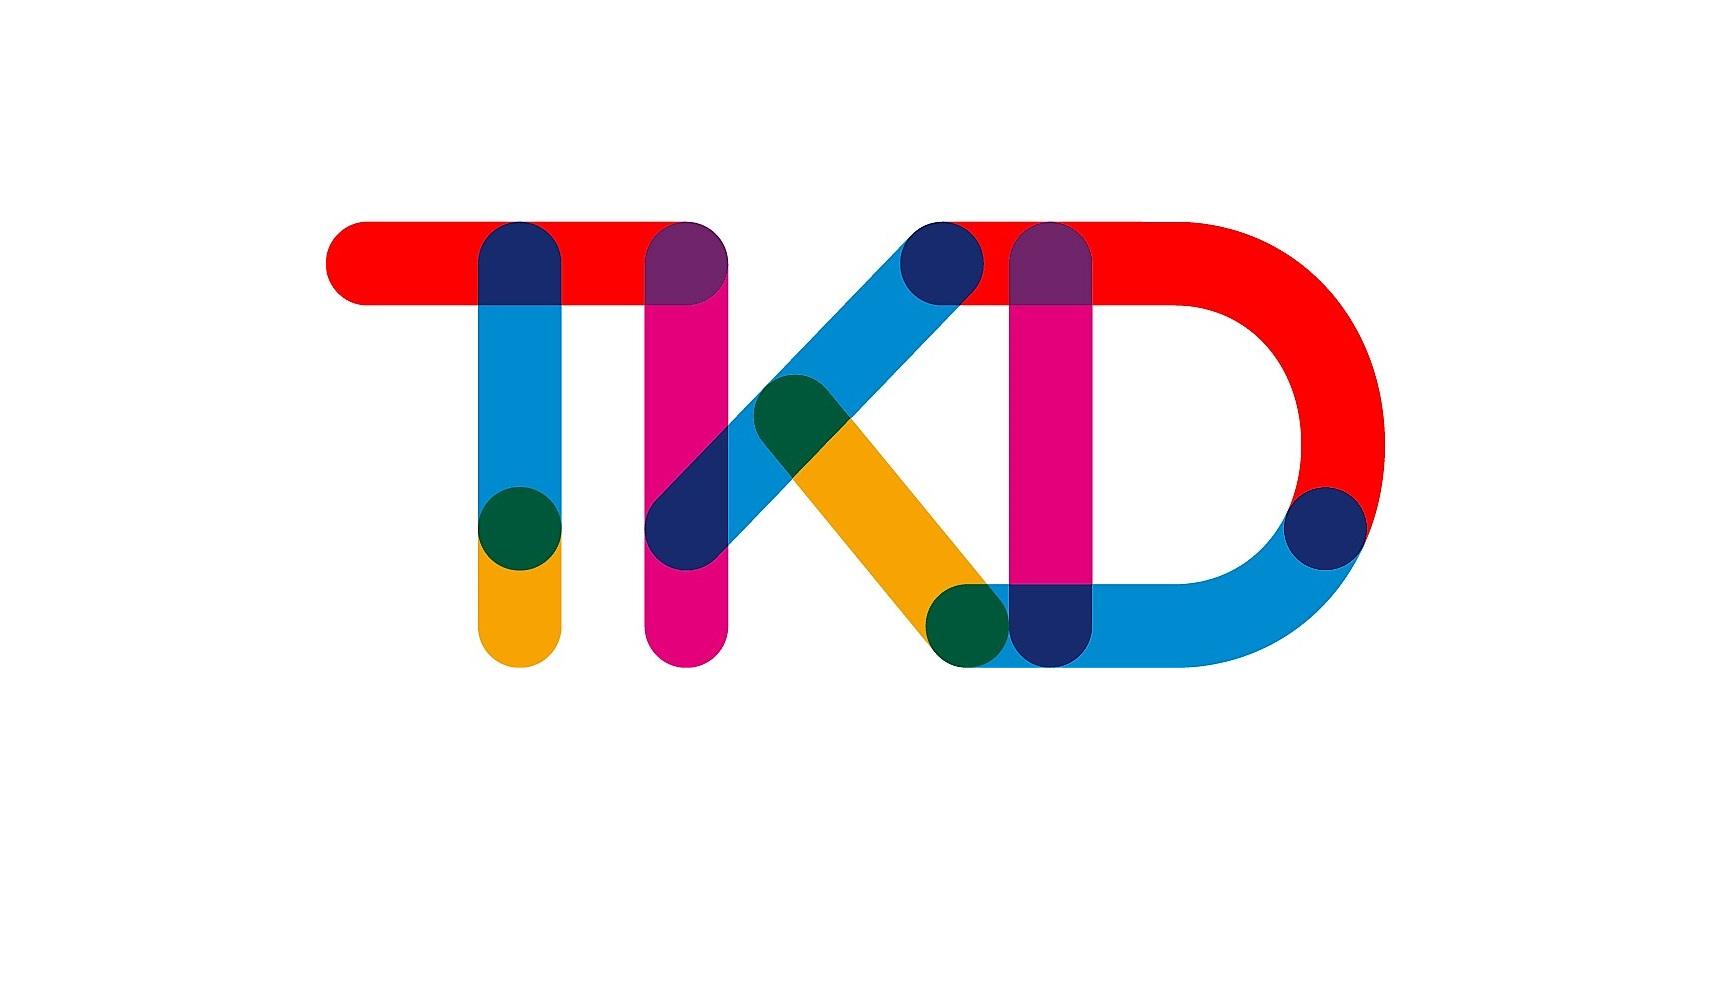 Mitarbeiter die Kundenbetreuung (m/w/d) in Vollzeit - Job - TKD Stellenportal - Application form